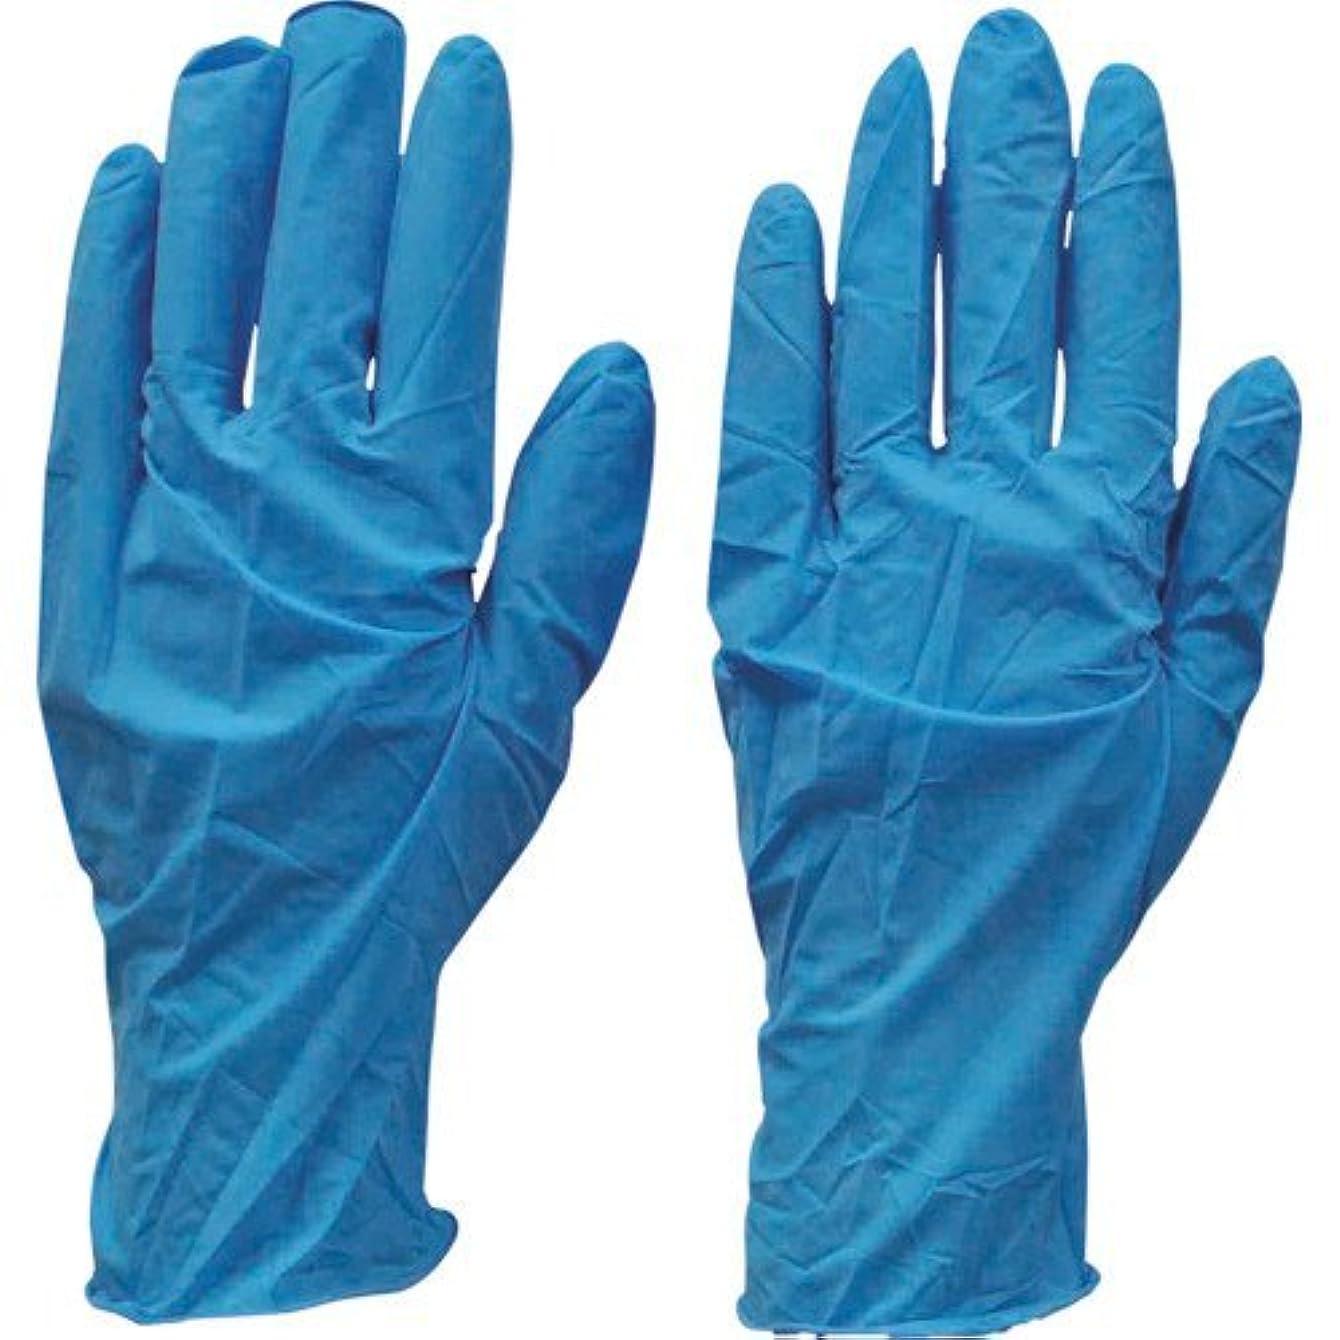 天才ビジター却下するダンロップ N-211 天然ゴム極うす手袋100枚入 Sブルー N211SB